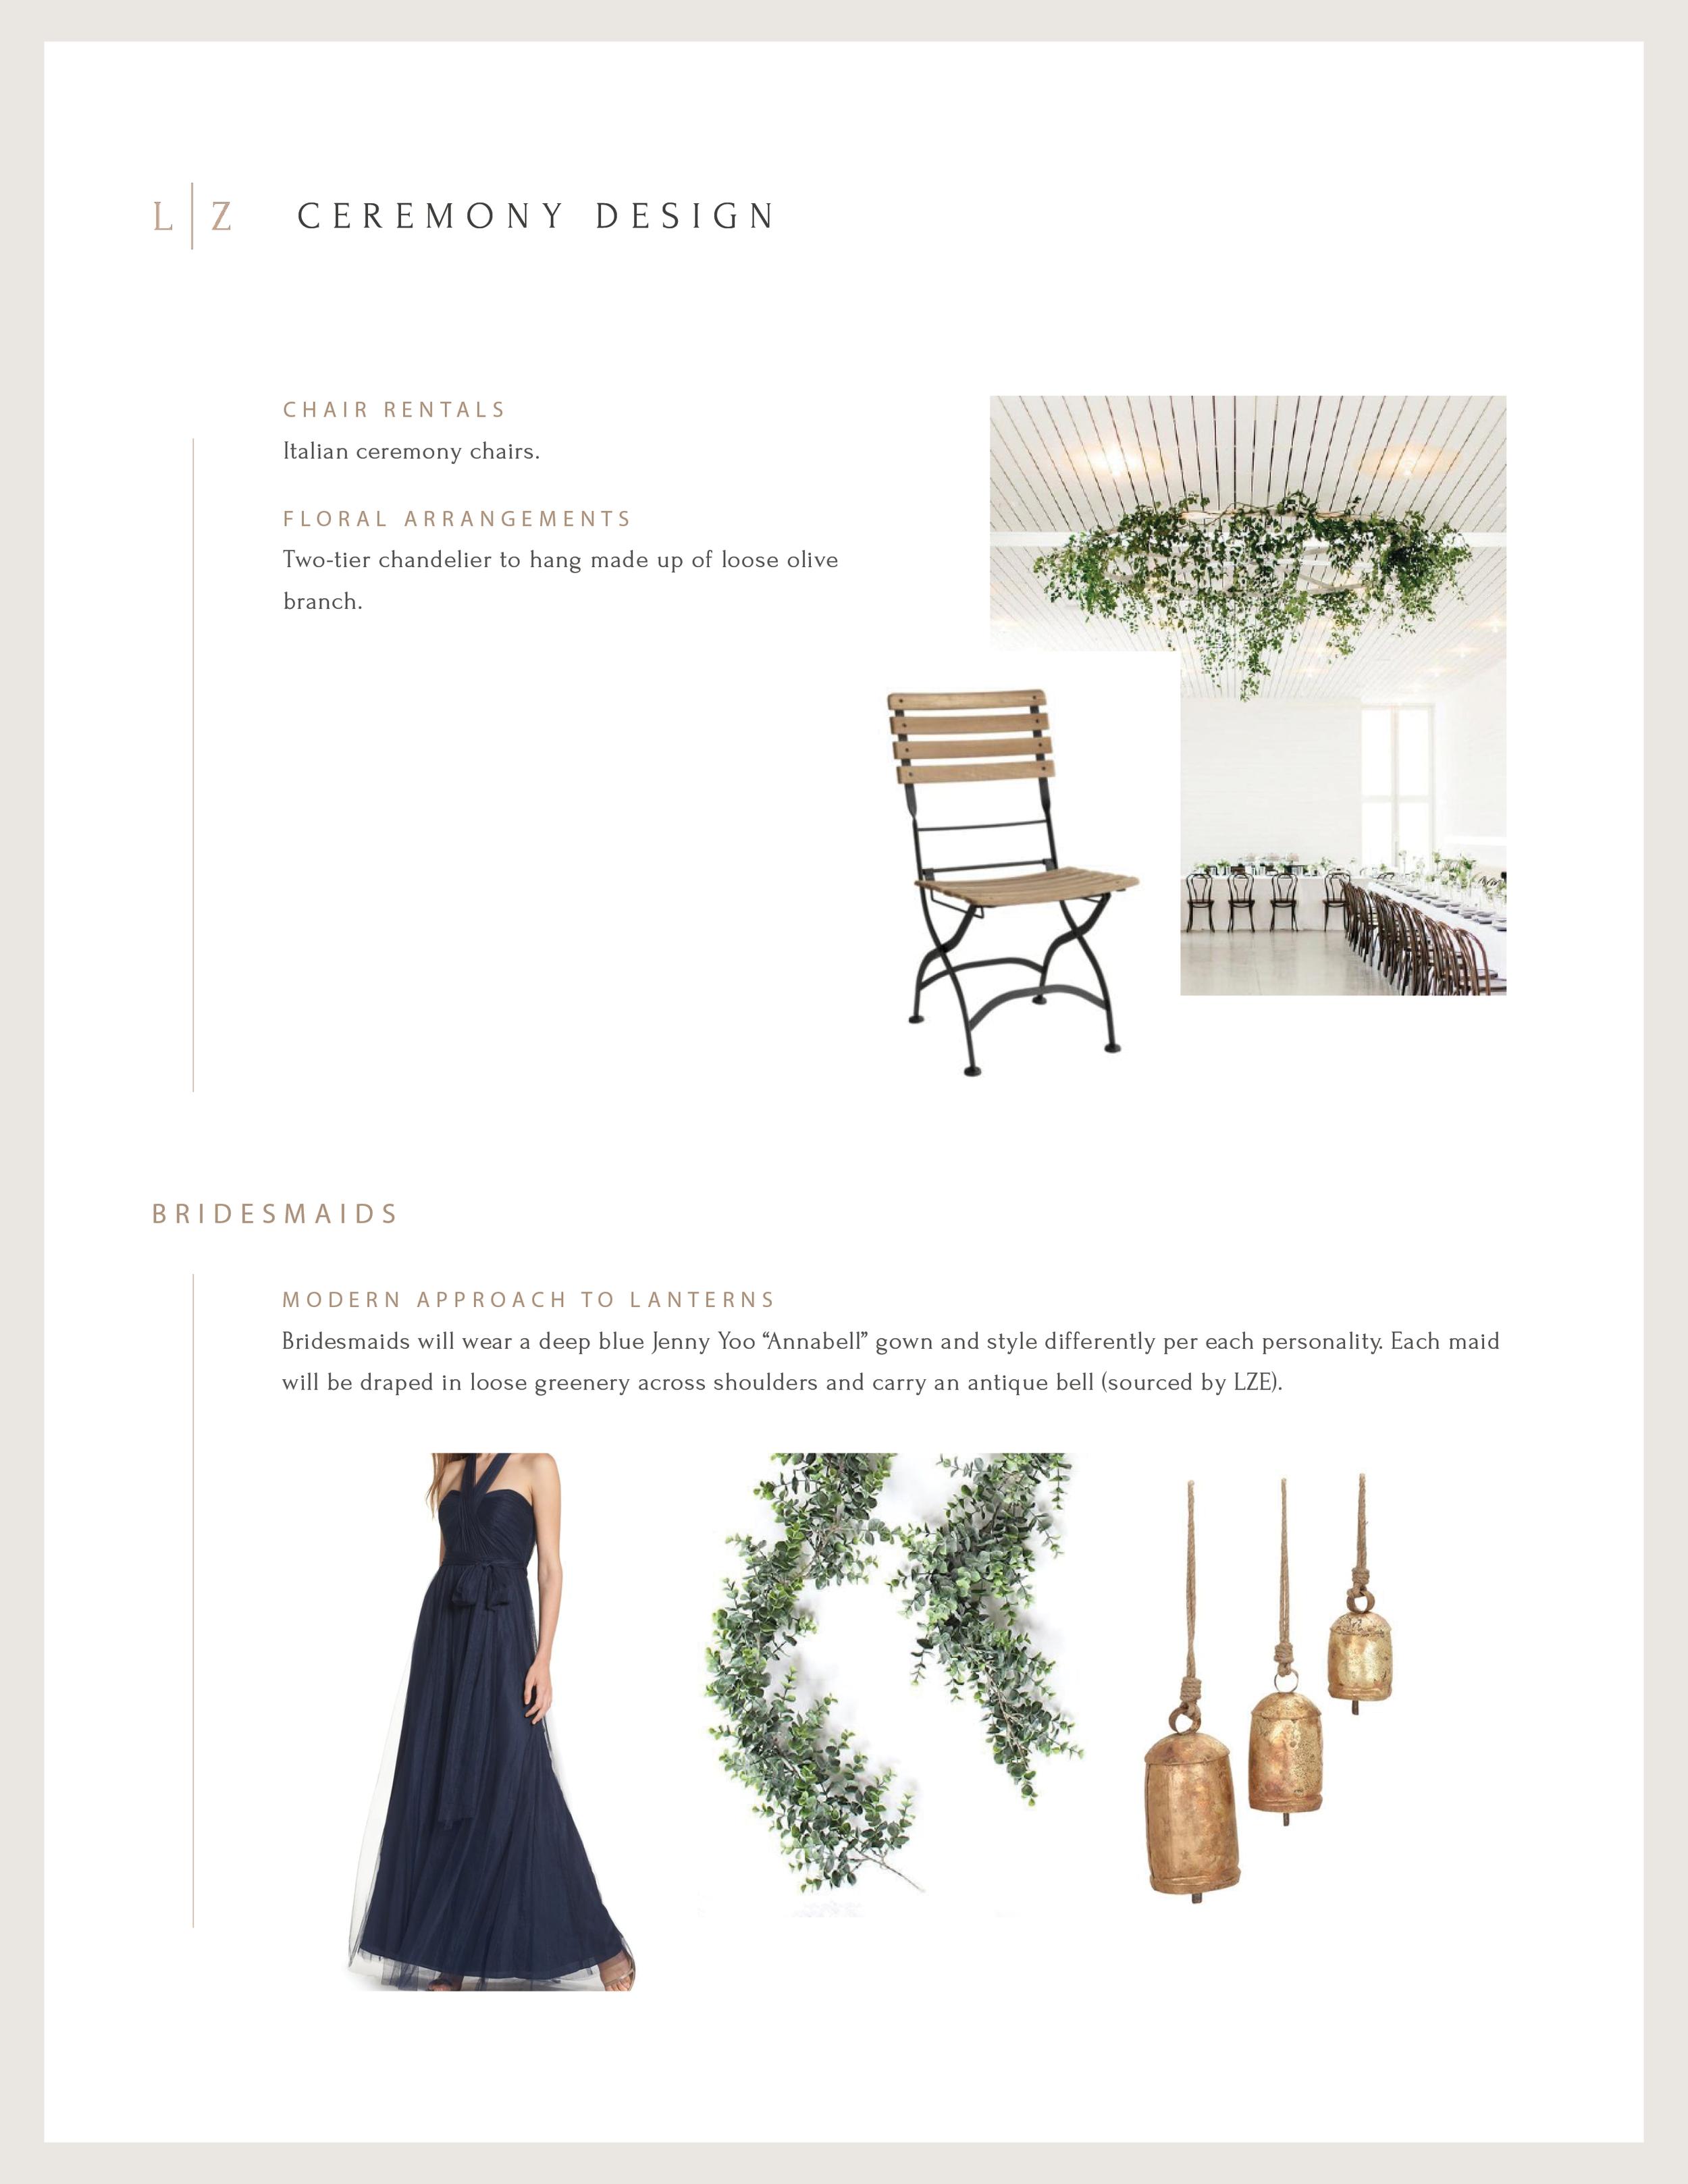 Vasta Slusher Design Copy- website files2.png